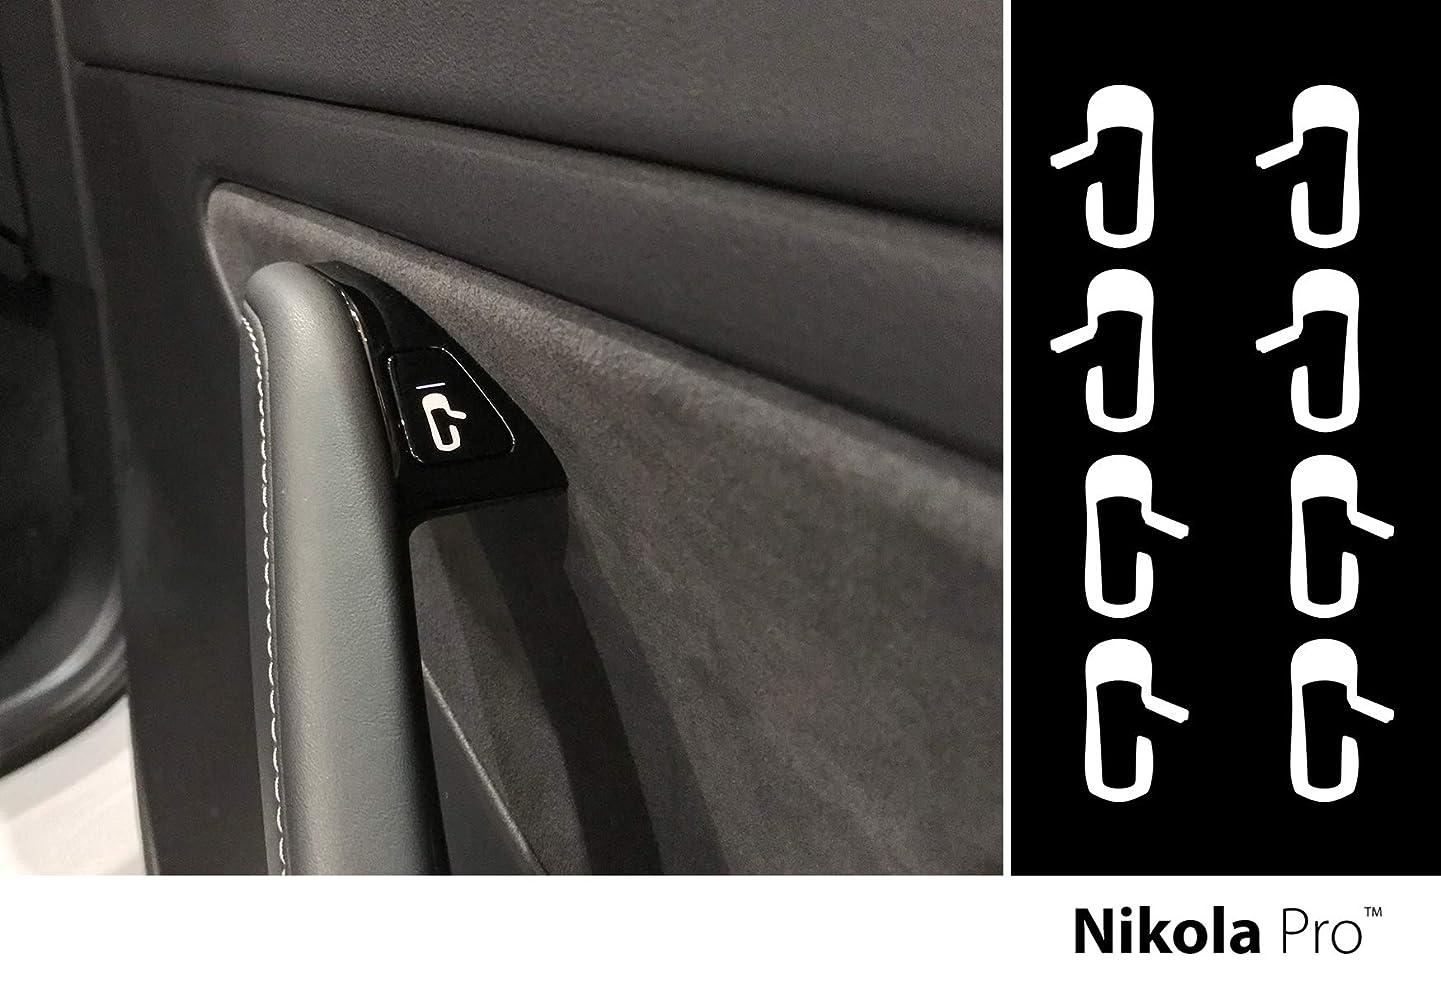 Nikola Pro Tesla Model 3 Door Exit Decal Set (White) d200168374609116